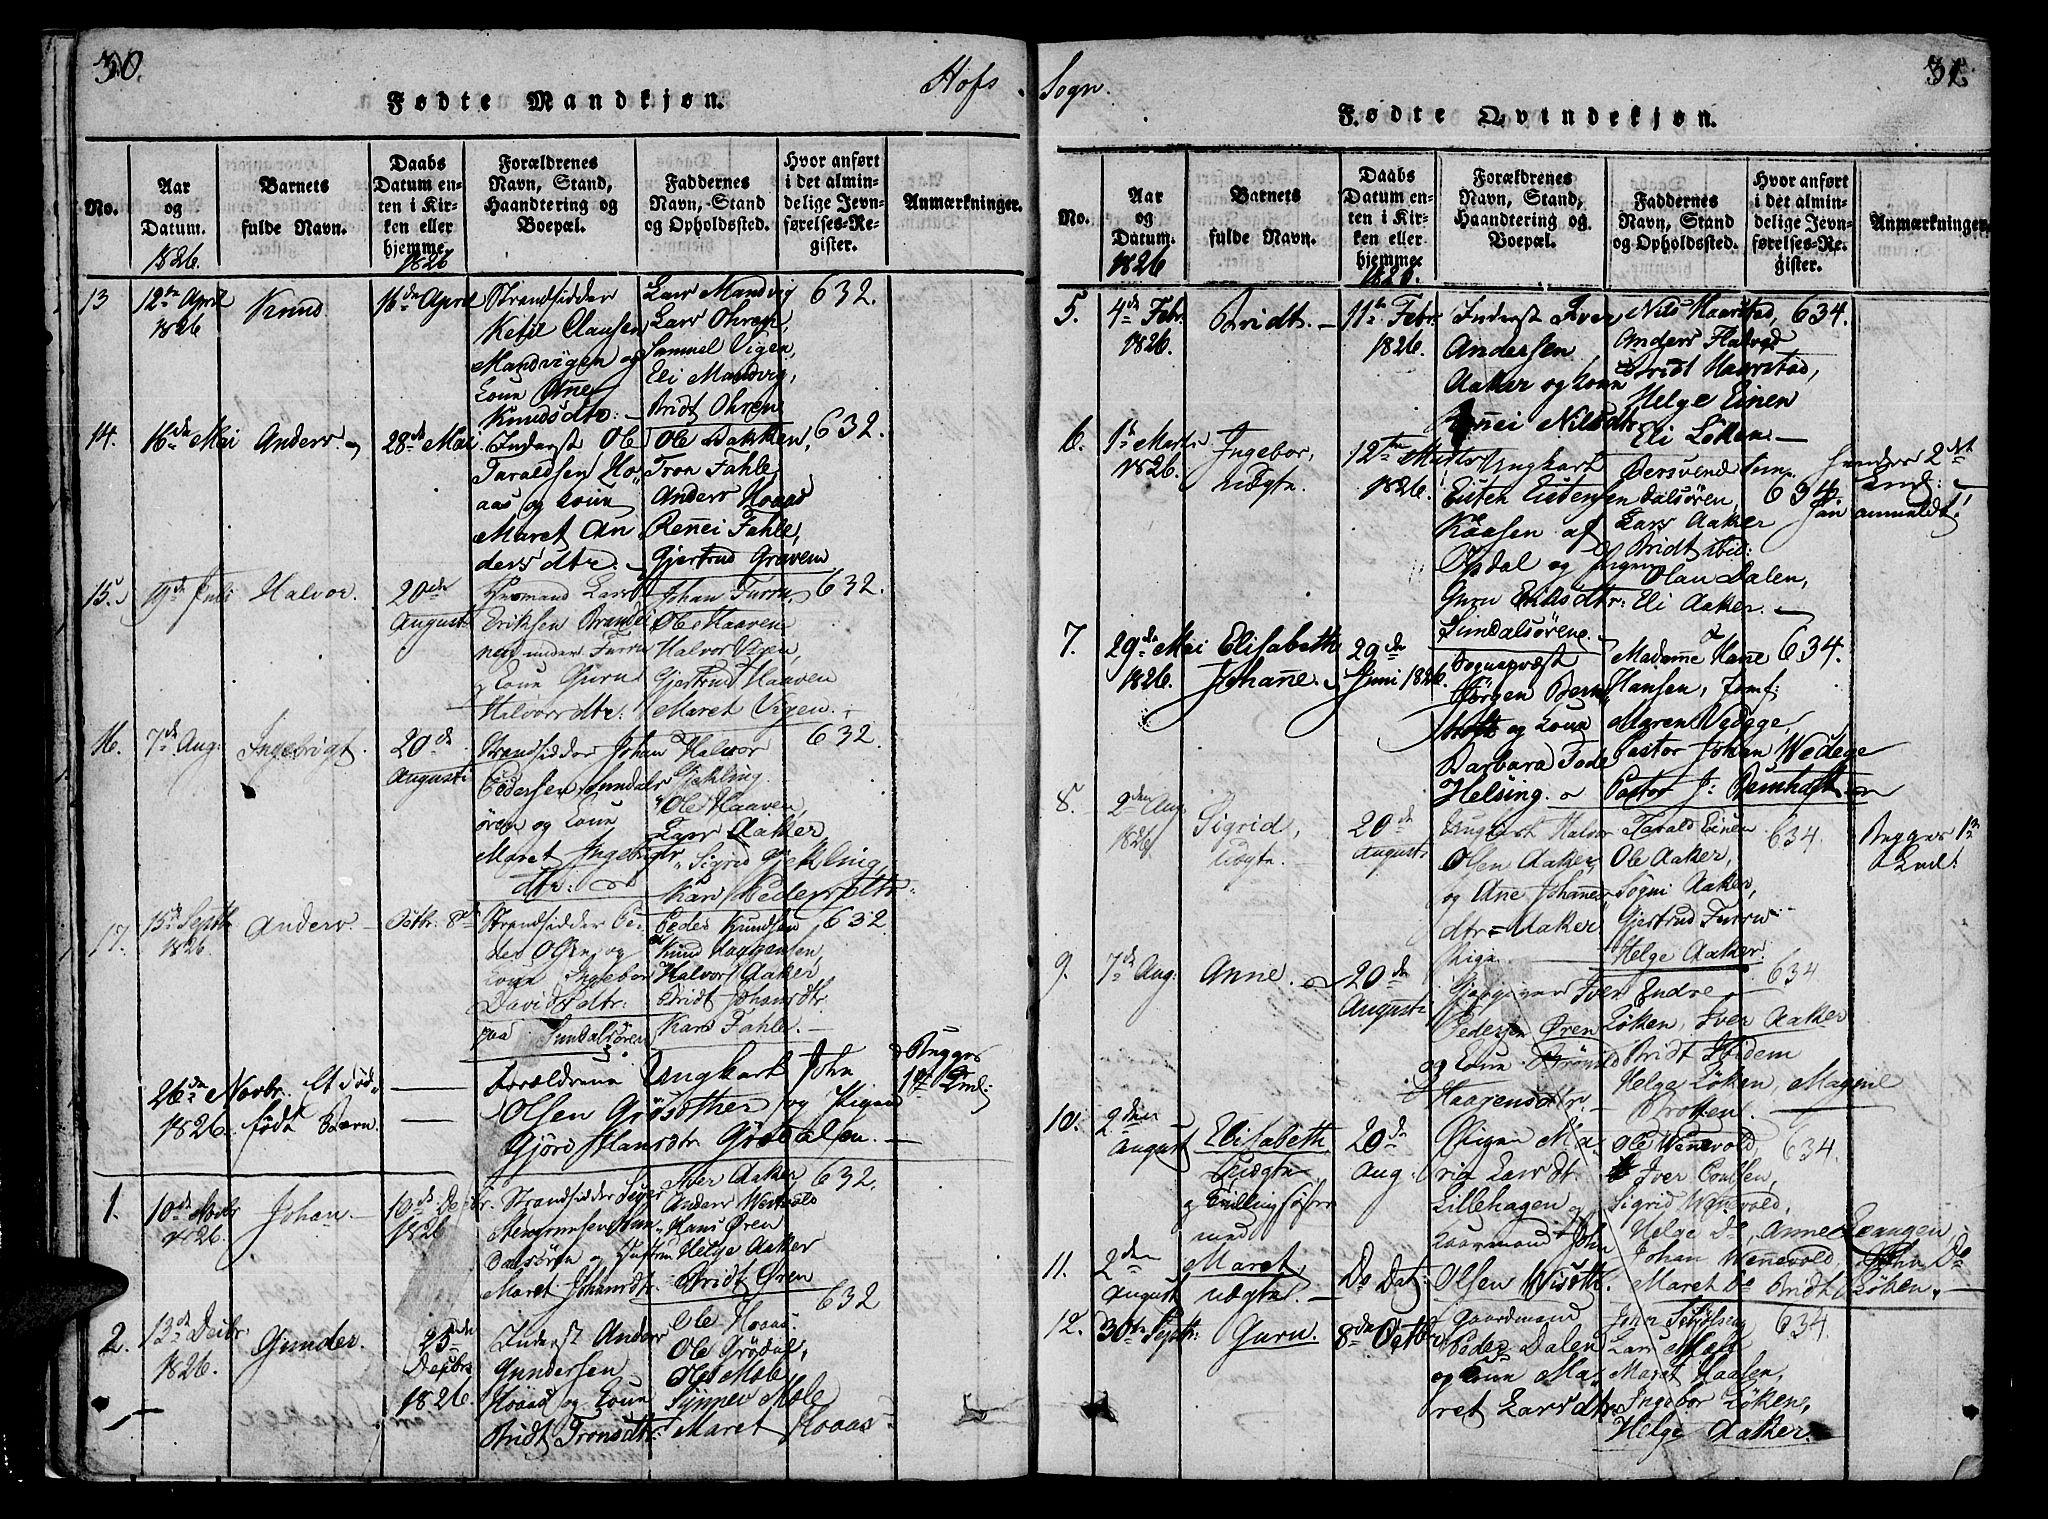 SAT, Ministerialprotokoller, klokkerbøker og fødselsregistre - Møre og Romsdal, 590/L1009: Ministerialbok nr. 590A03 /1, 1819-1832, s. 30-31